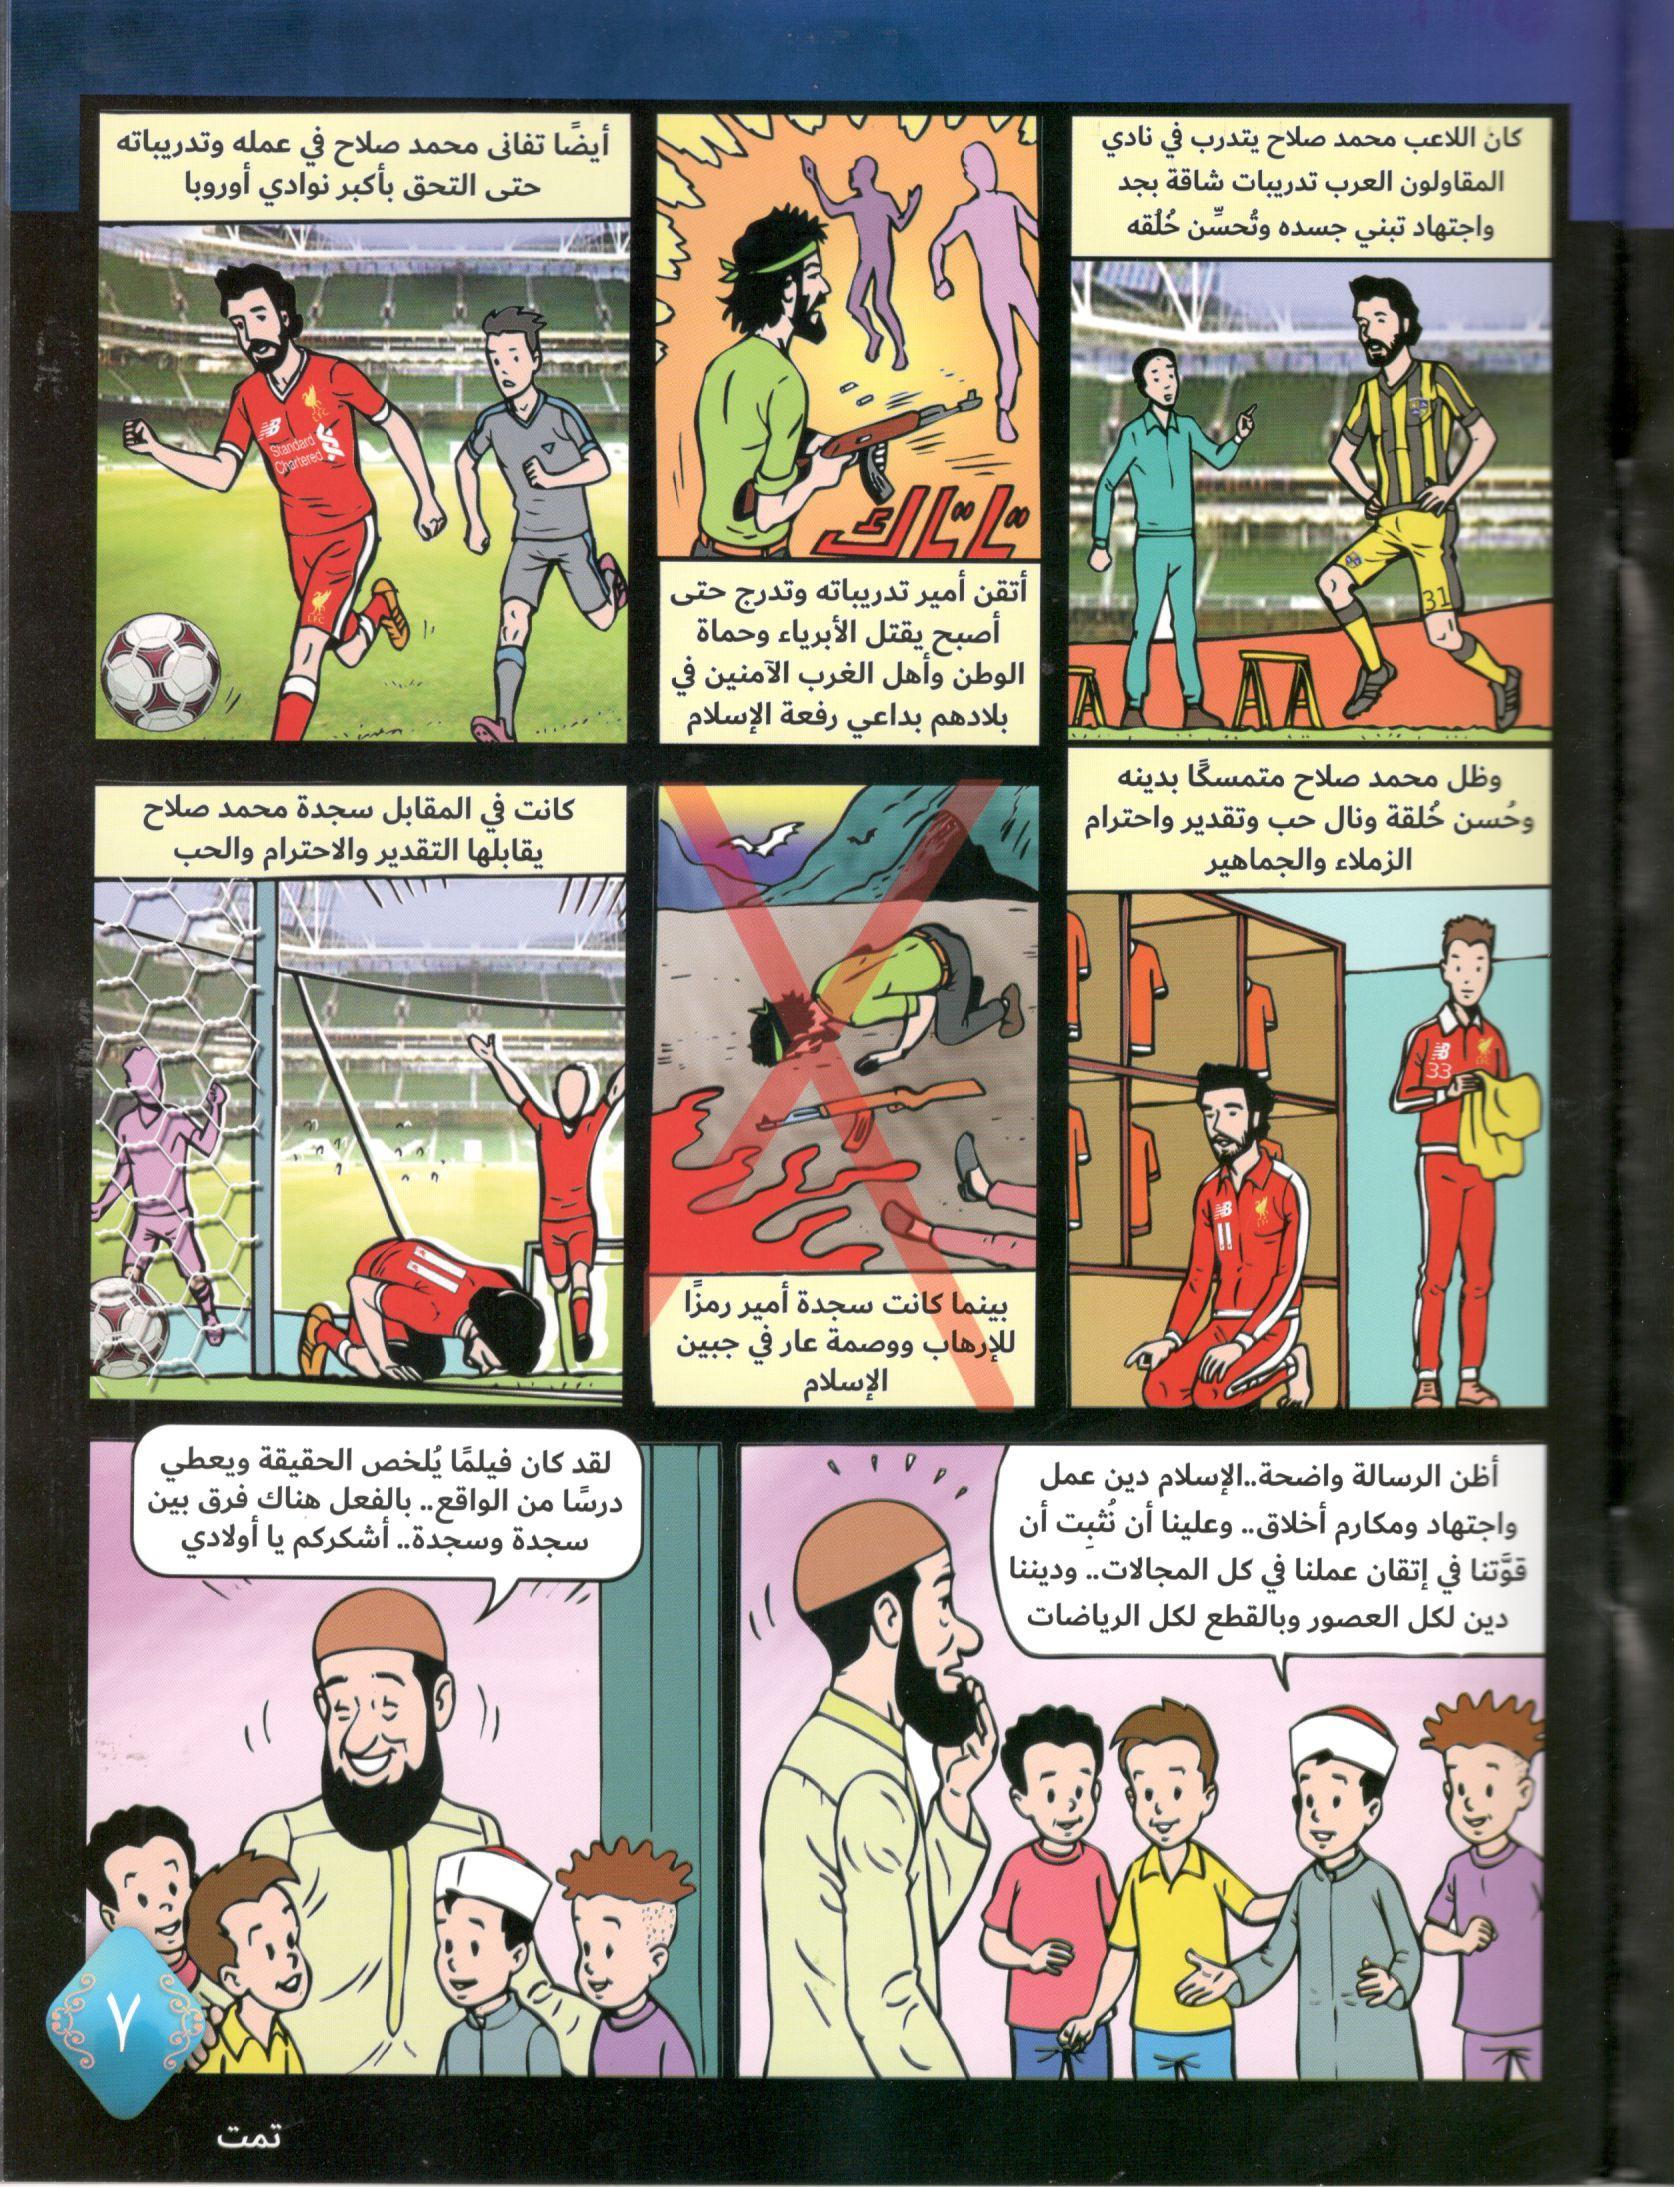 قصص عن الاحترام في الاسلام